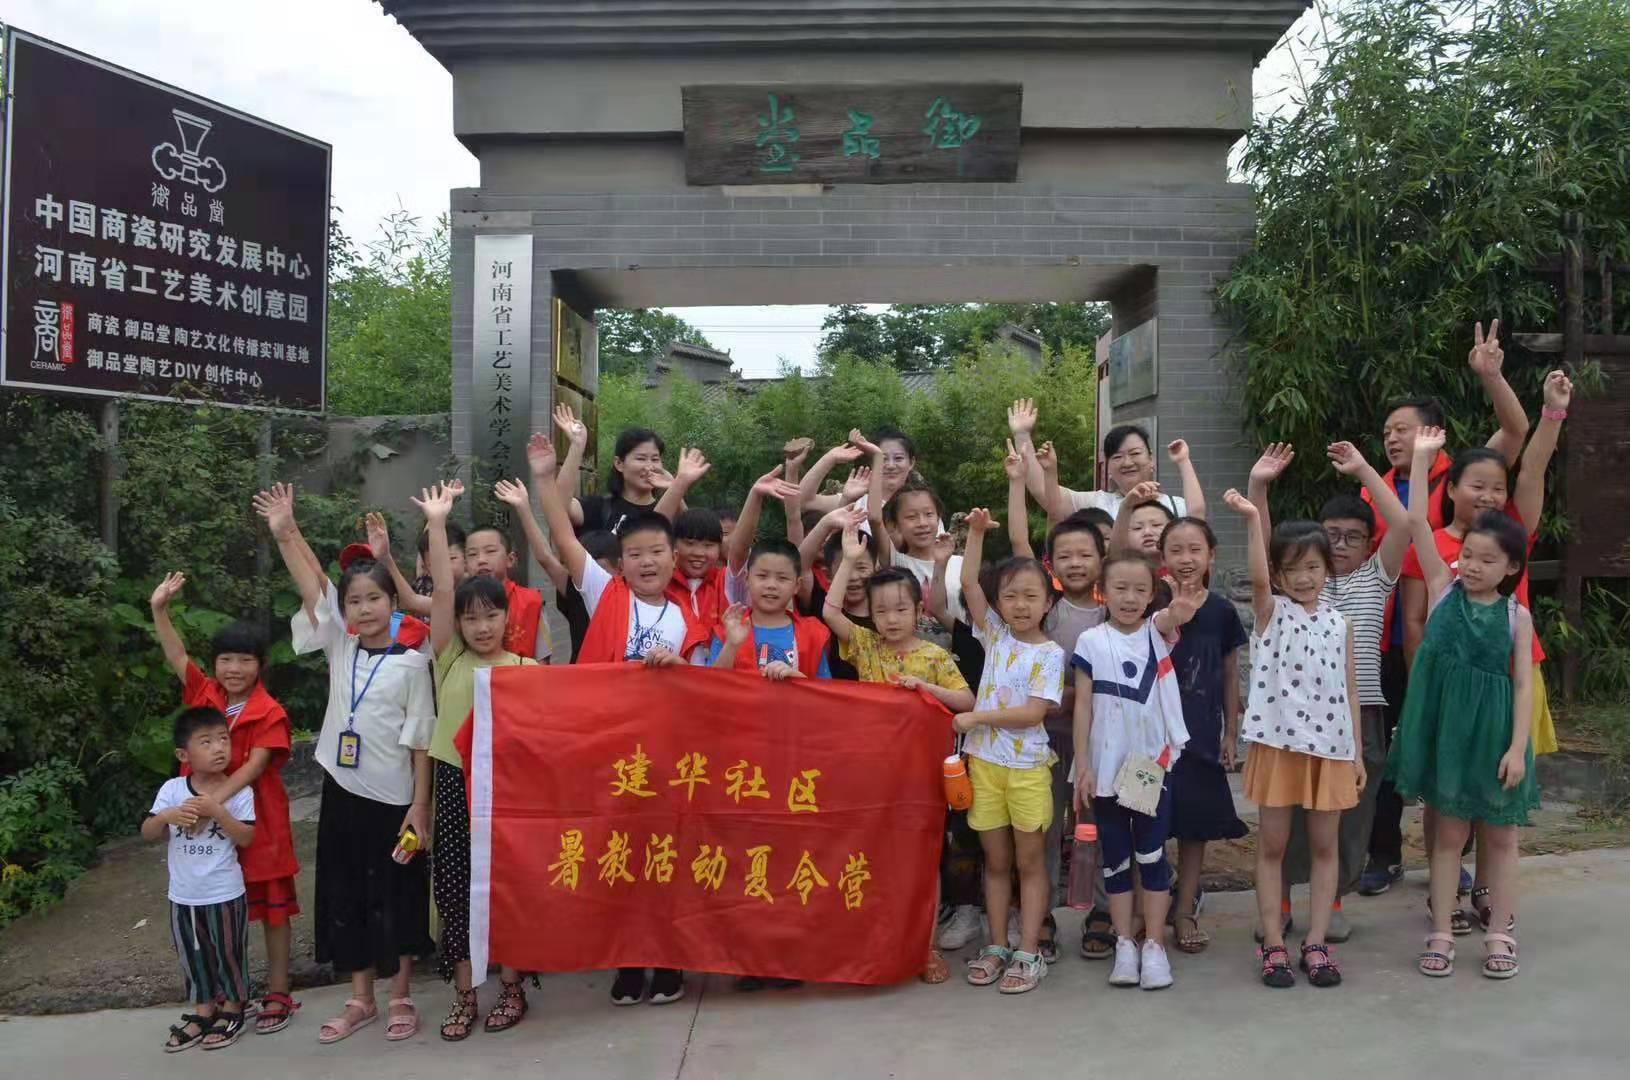 亚游官网app|注册市二七区建华社区开展青少年暑期陶艺体验运动